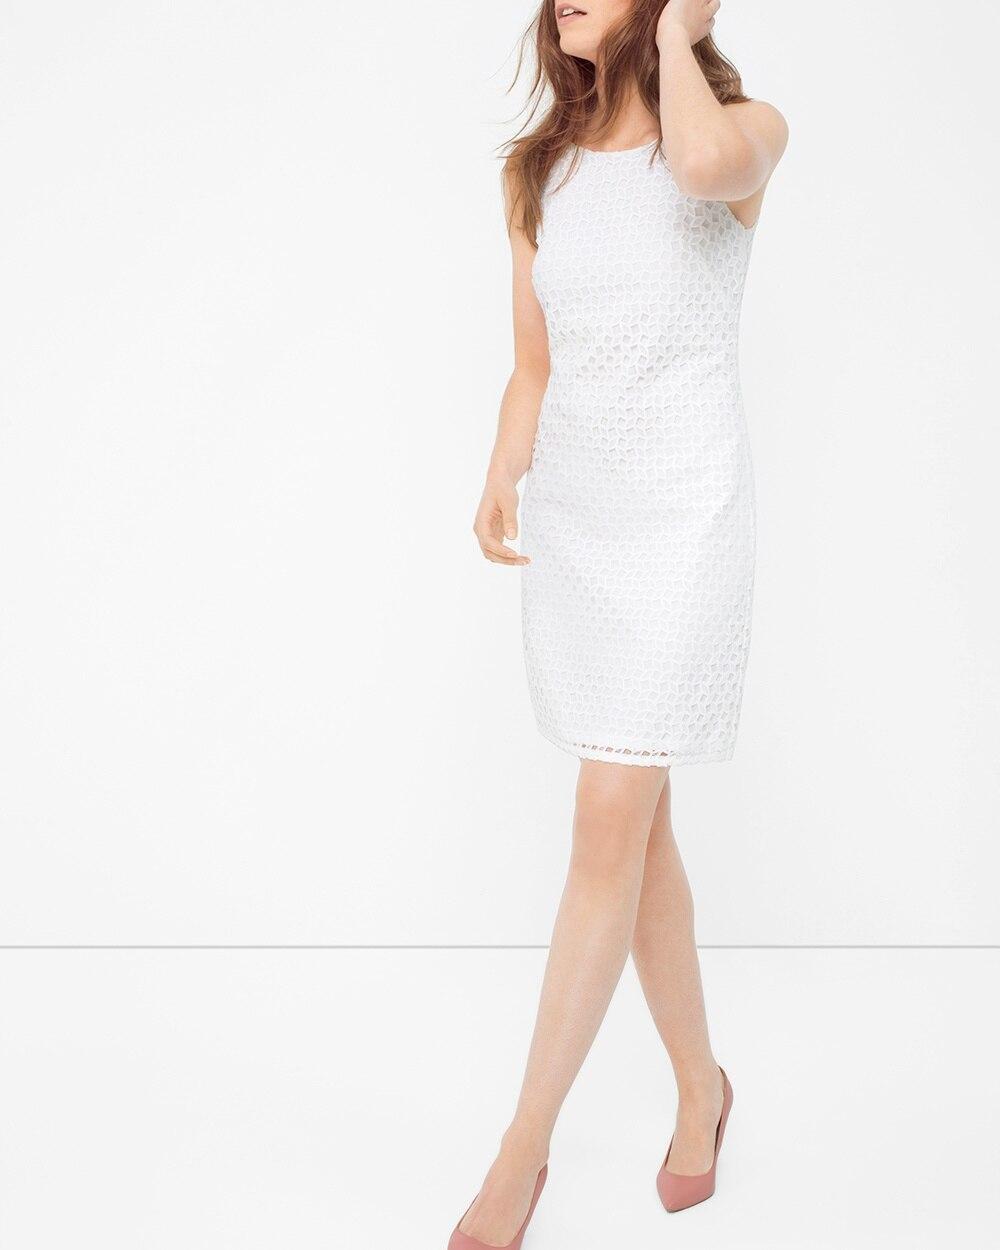 Lace Halter Sheath Dress - White House Black Market 7d2d857a5